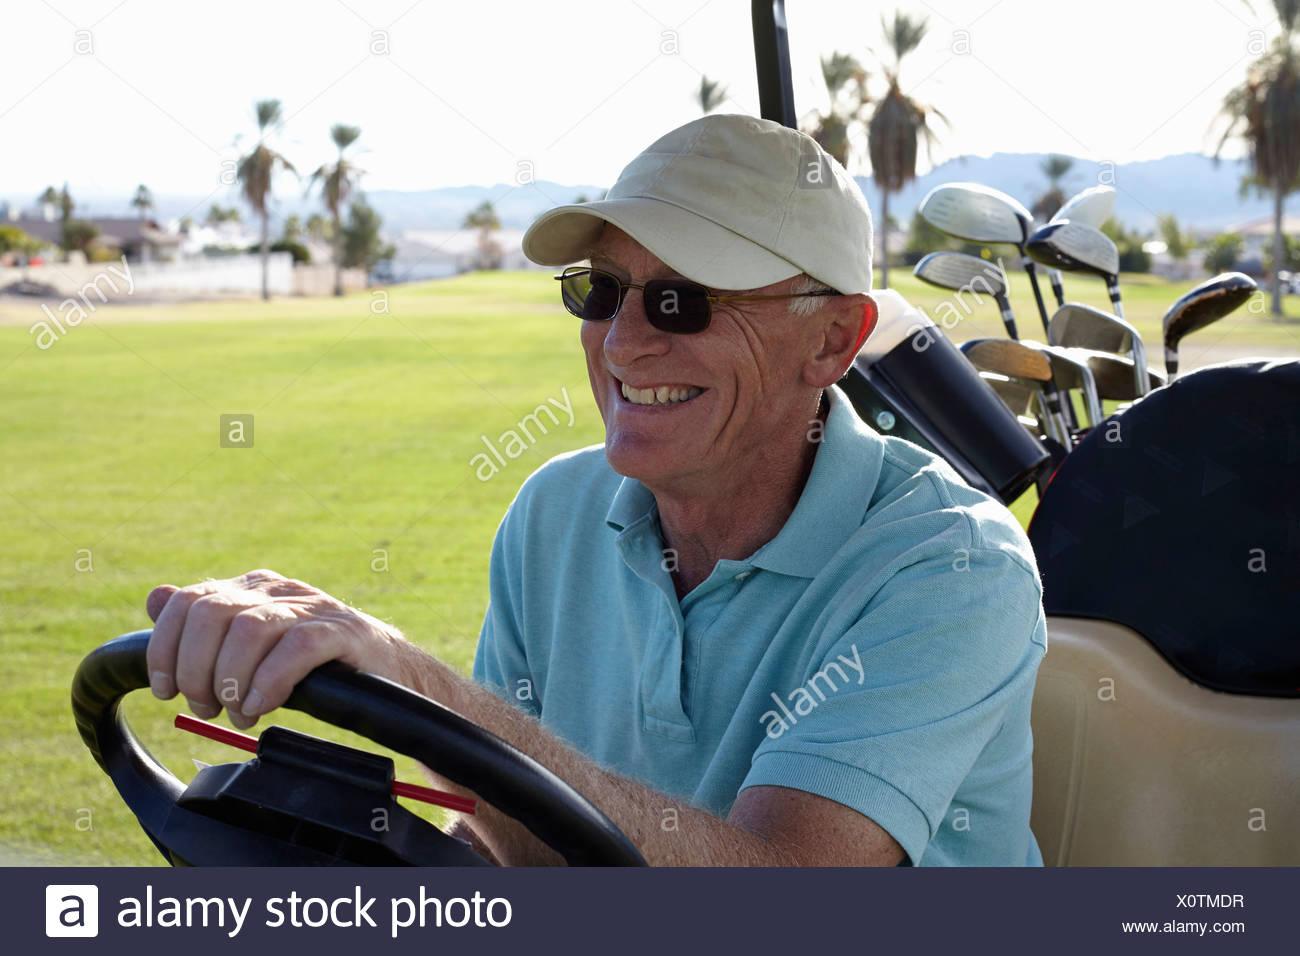 Senior masculino de conducción golfer cochecito de golf Imagen De Stock